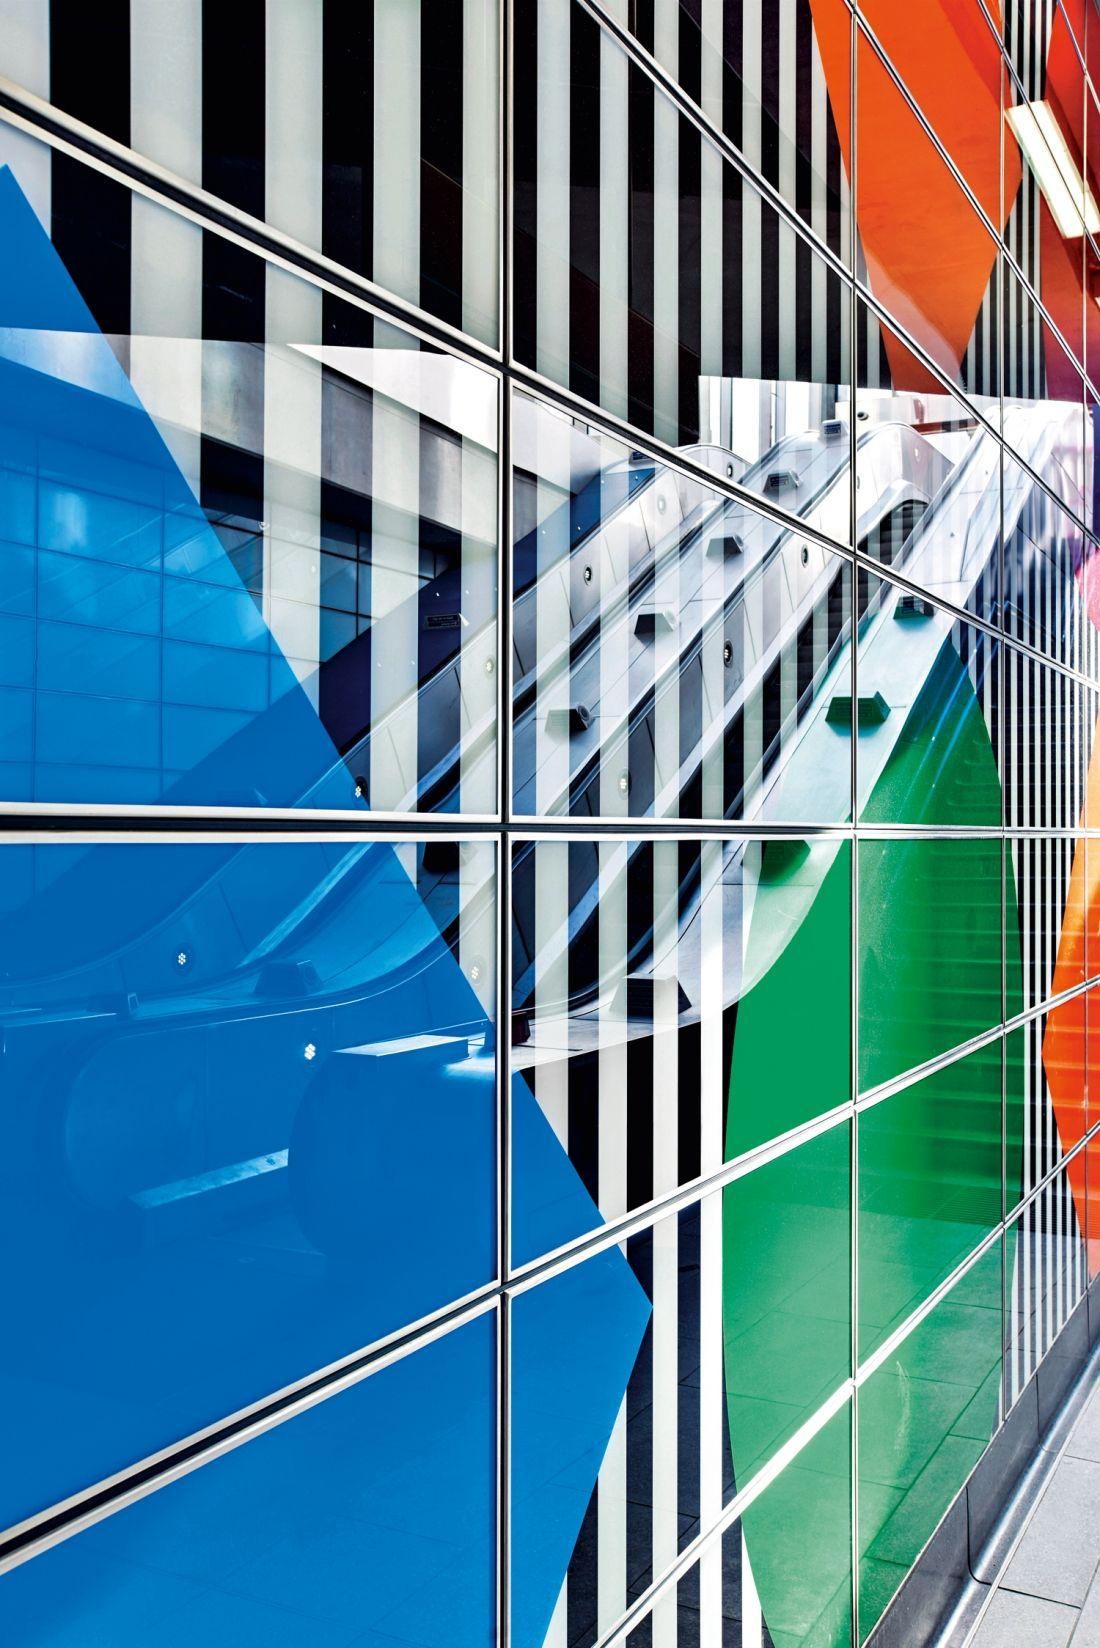 Daniel Buren S Artwork Of Shapes Colours And Trademark Stripes Launches At Tottenham Court Road Avec Images Les Arts Art Arts Visuels